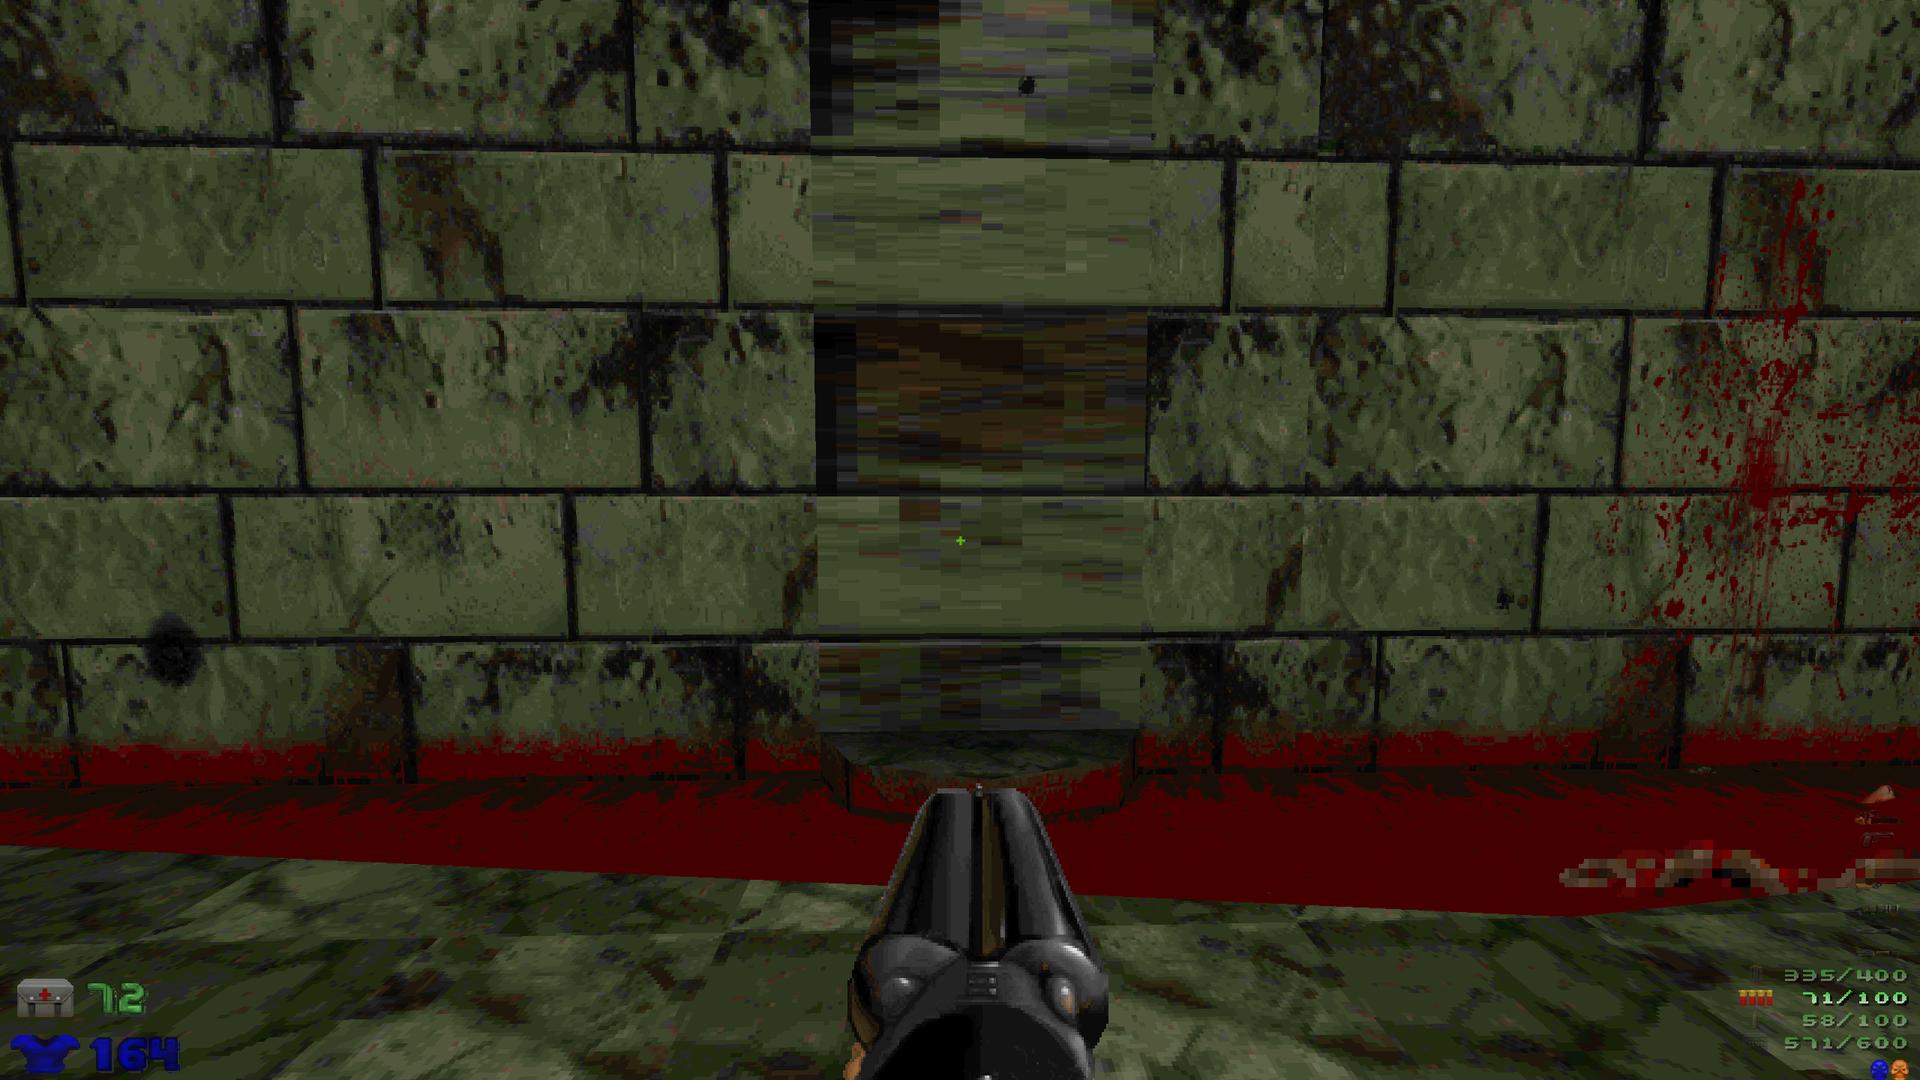 Screenshot_Doom_20190524_192856.png.40533f0c0670025dedff2b4f16461bdb.png